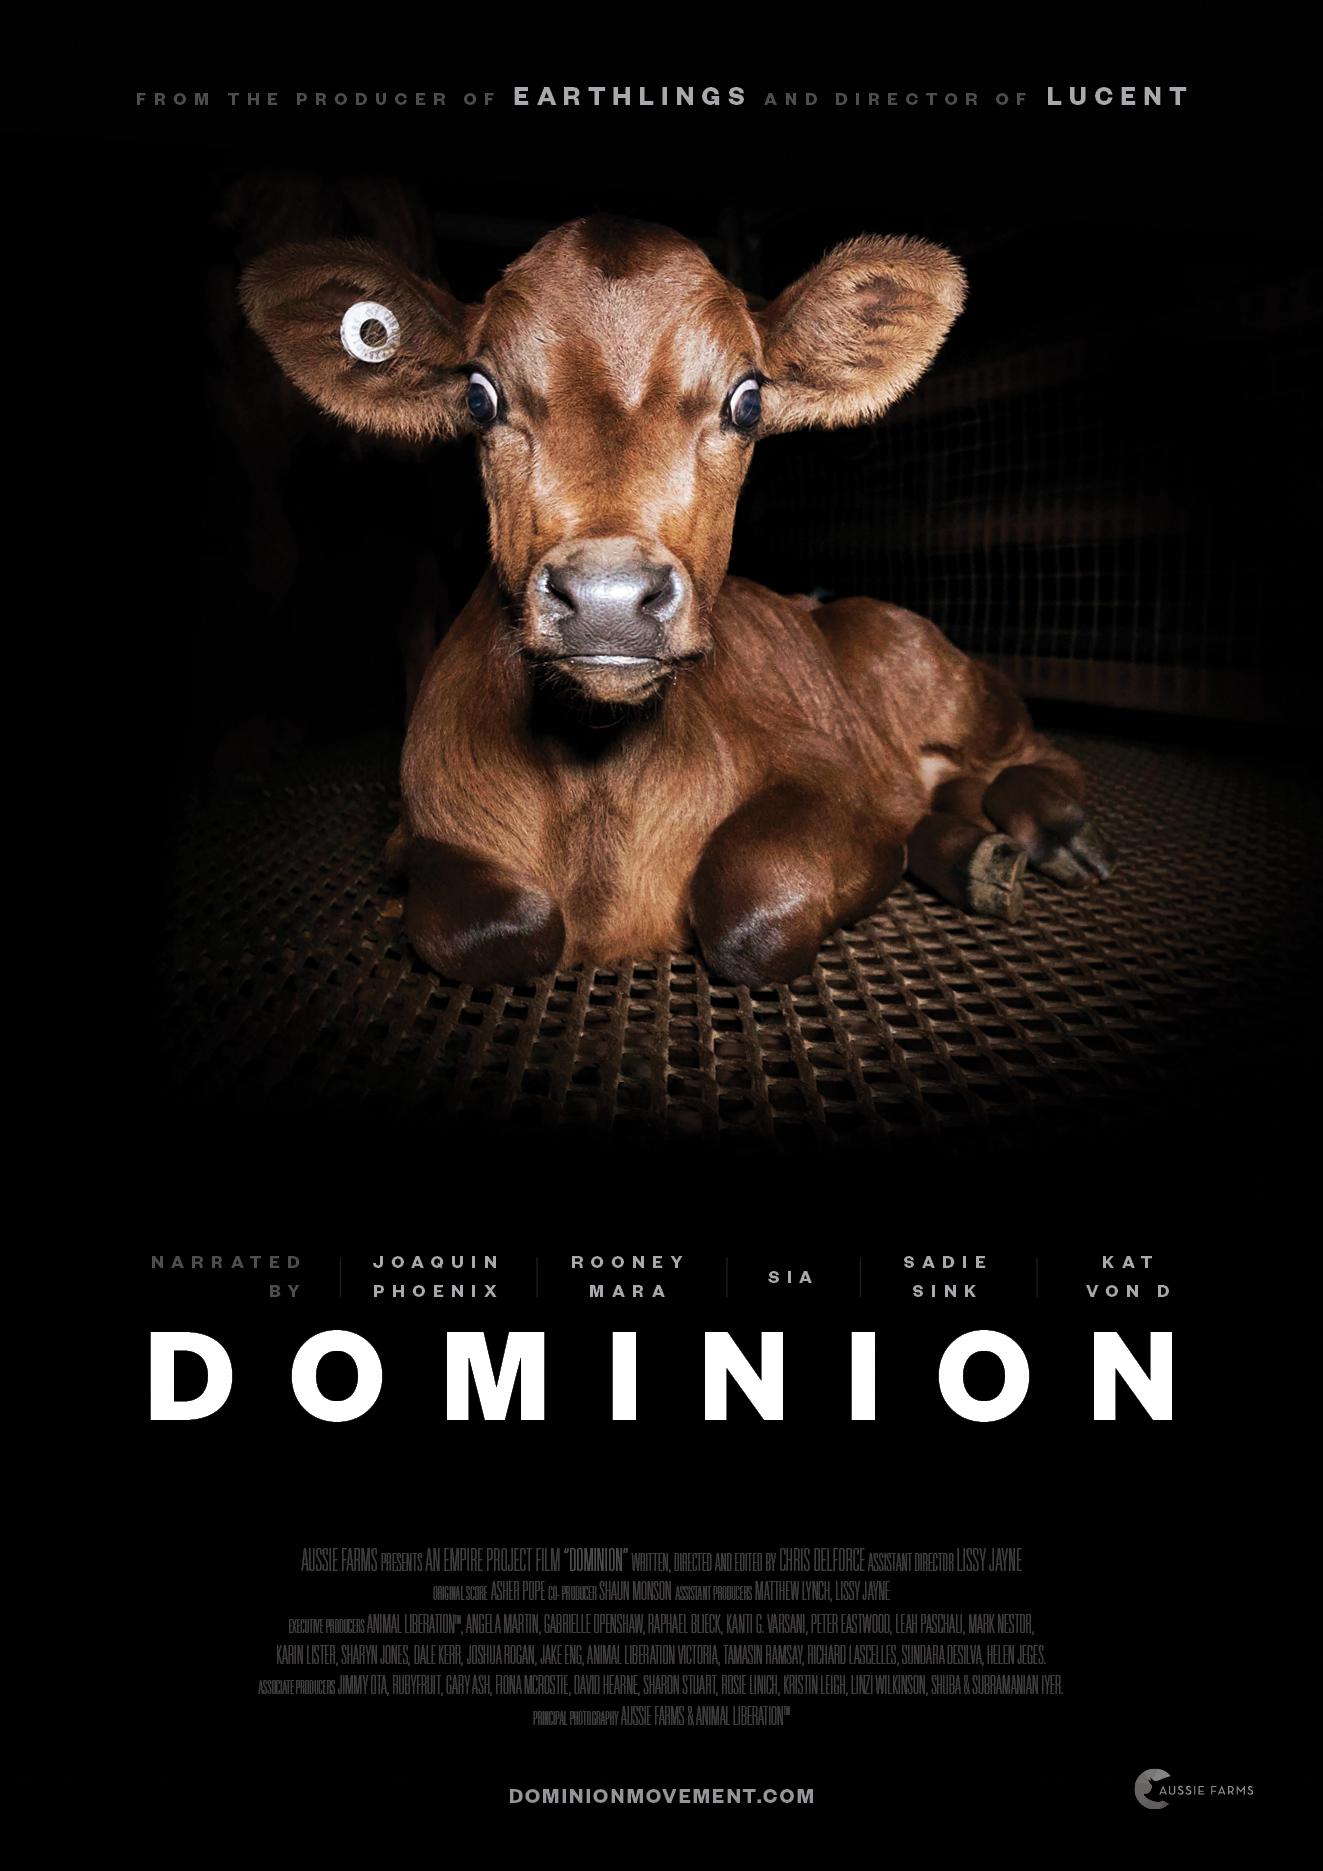 Dominion 2018 Imdb